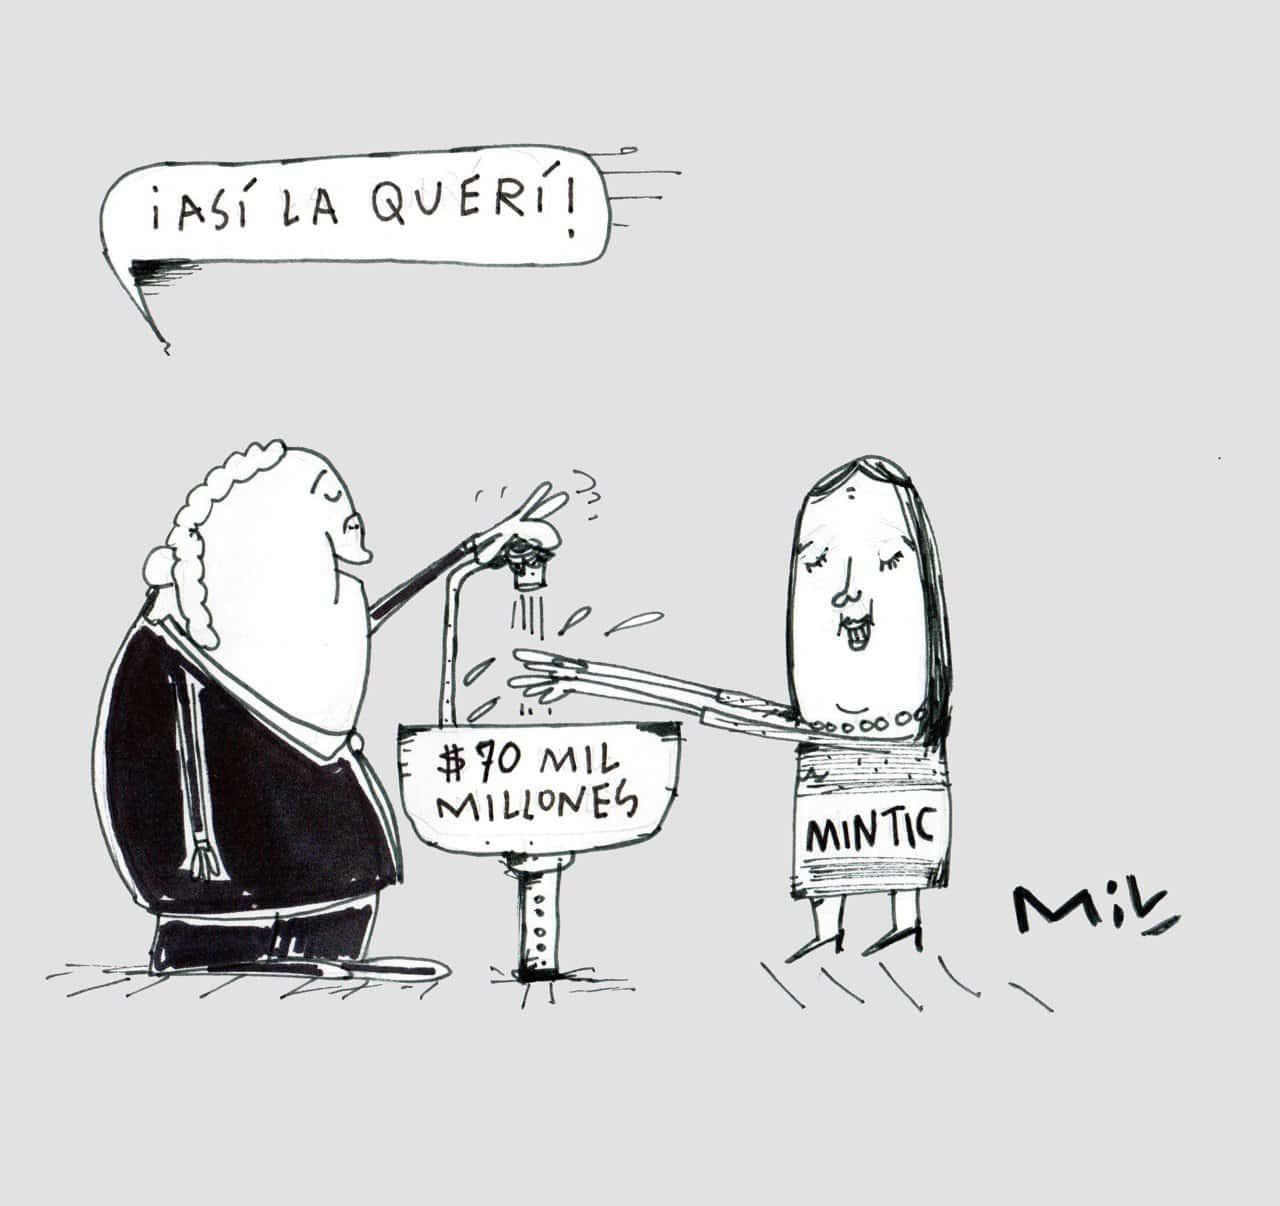 Así la querí - #Caricatura7días 1